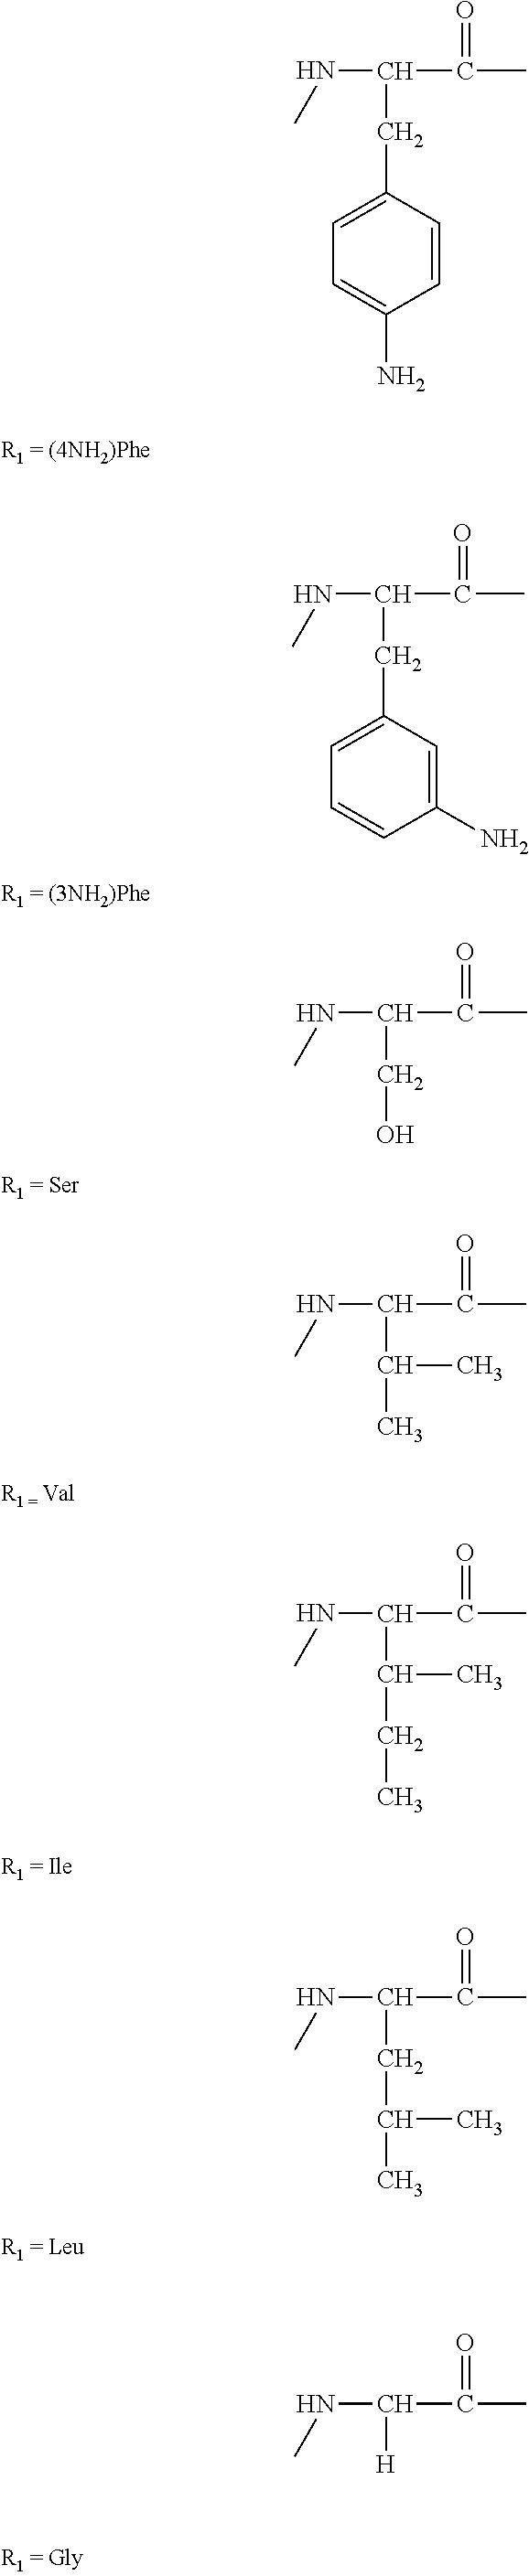 Figure US20110190212A1-20110804-C00069